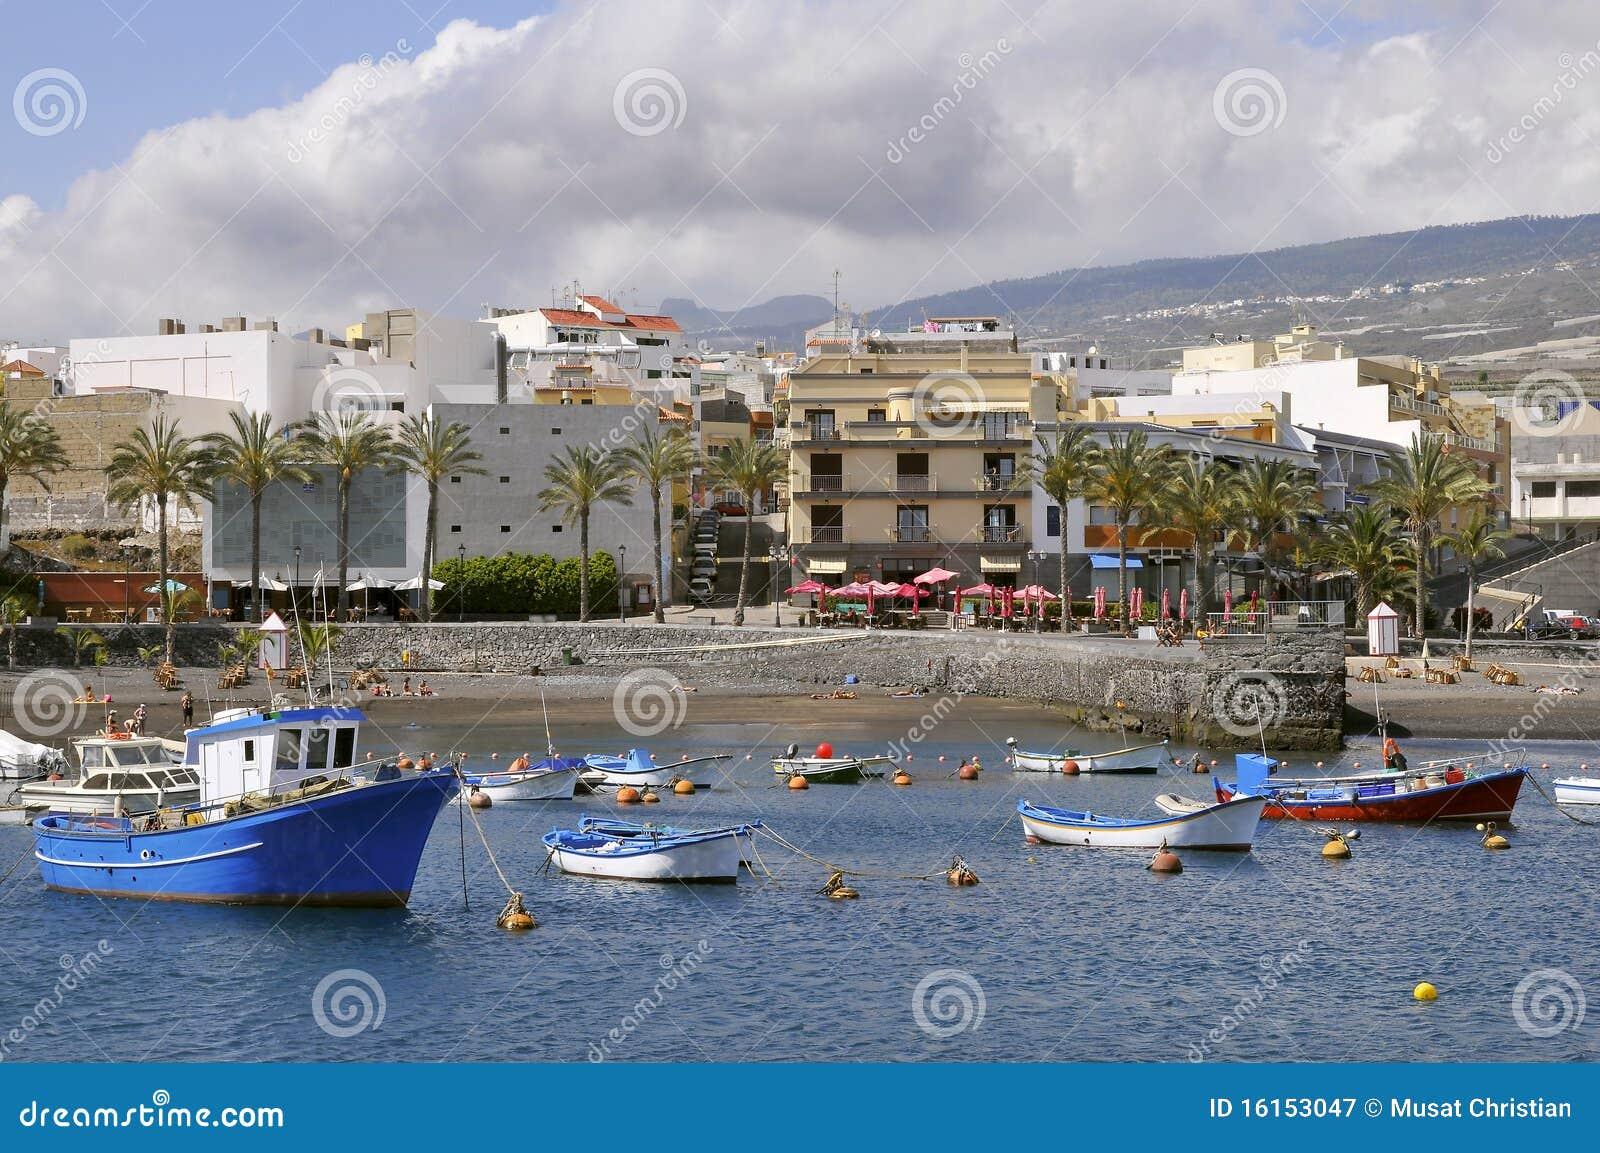 Port of San Juan at tenerife